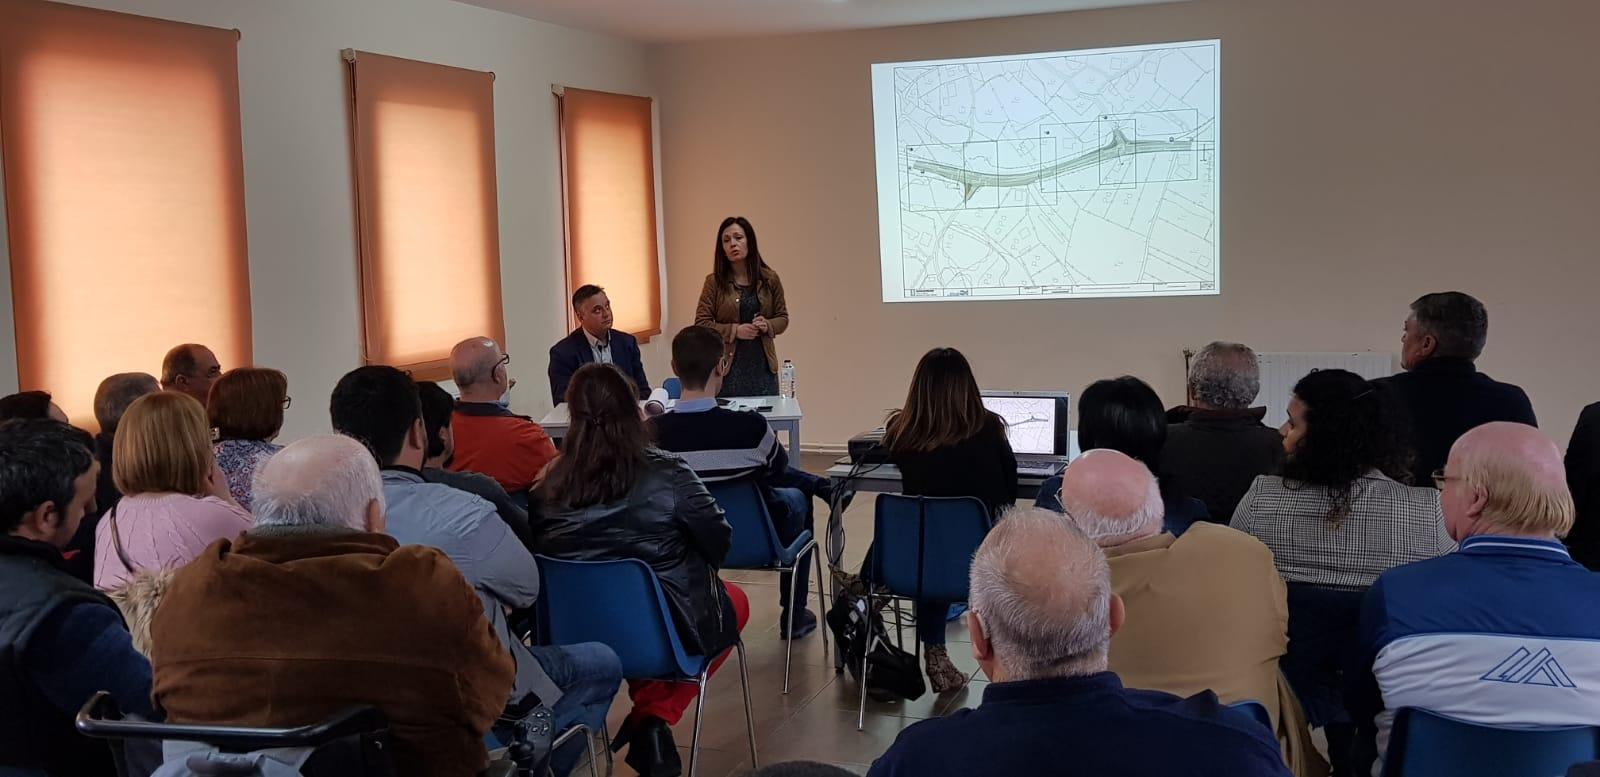 Belén Villar Se Reúne Con Los Vecinos De Bugarín Y Les Adelanta Que La Xunta Comenzará Las Obras De La PO-254 En Primavera